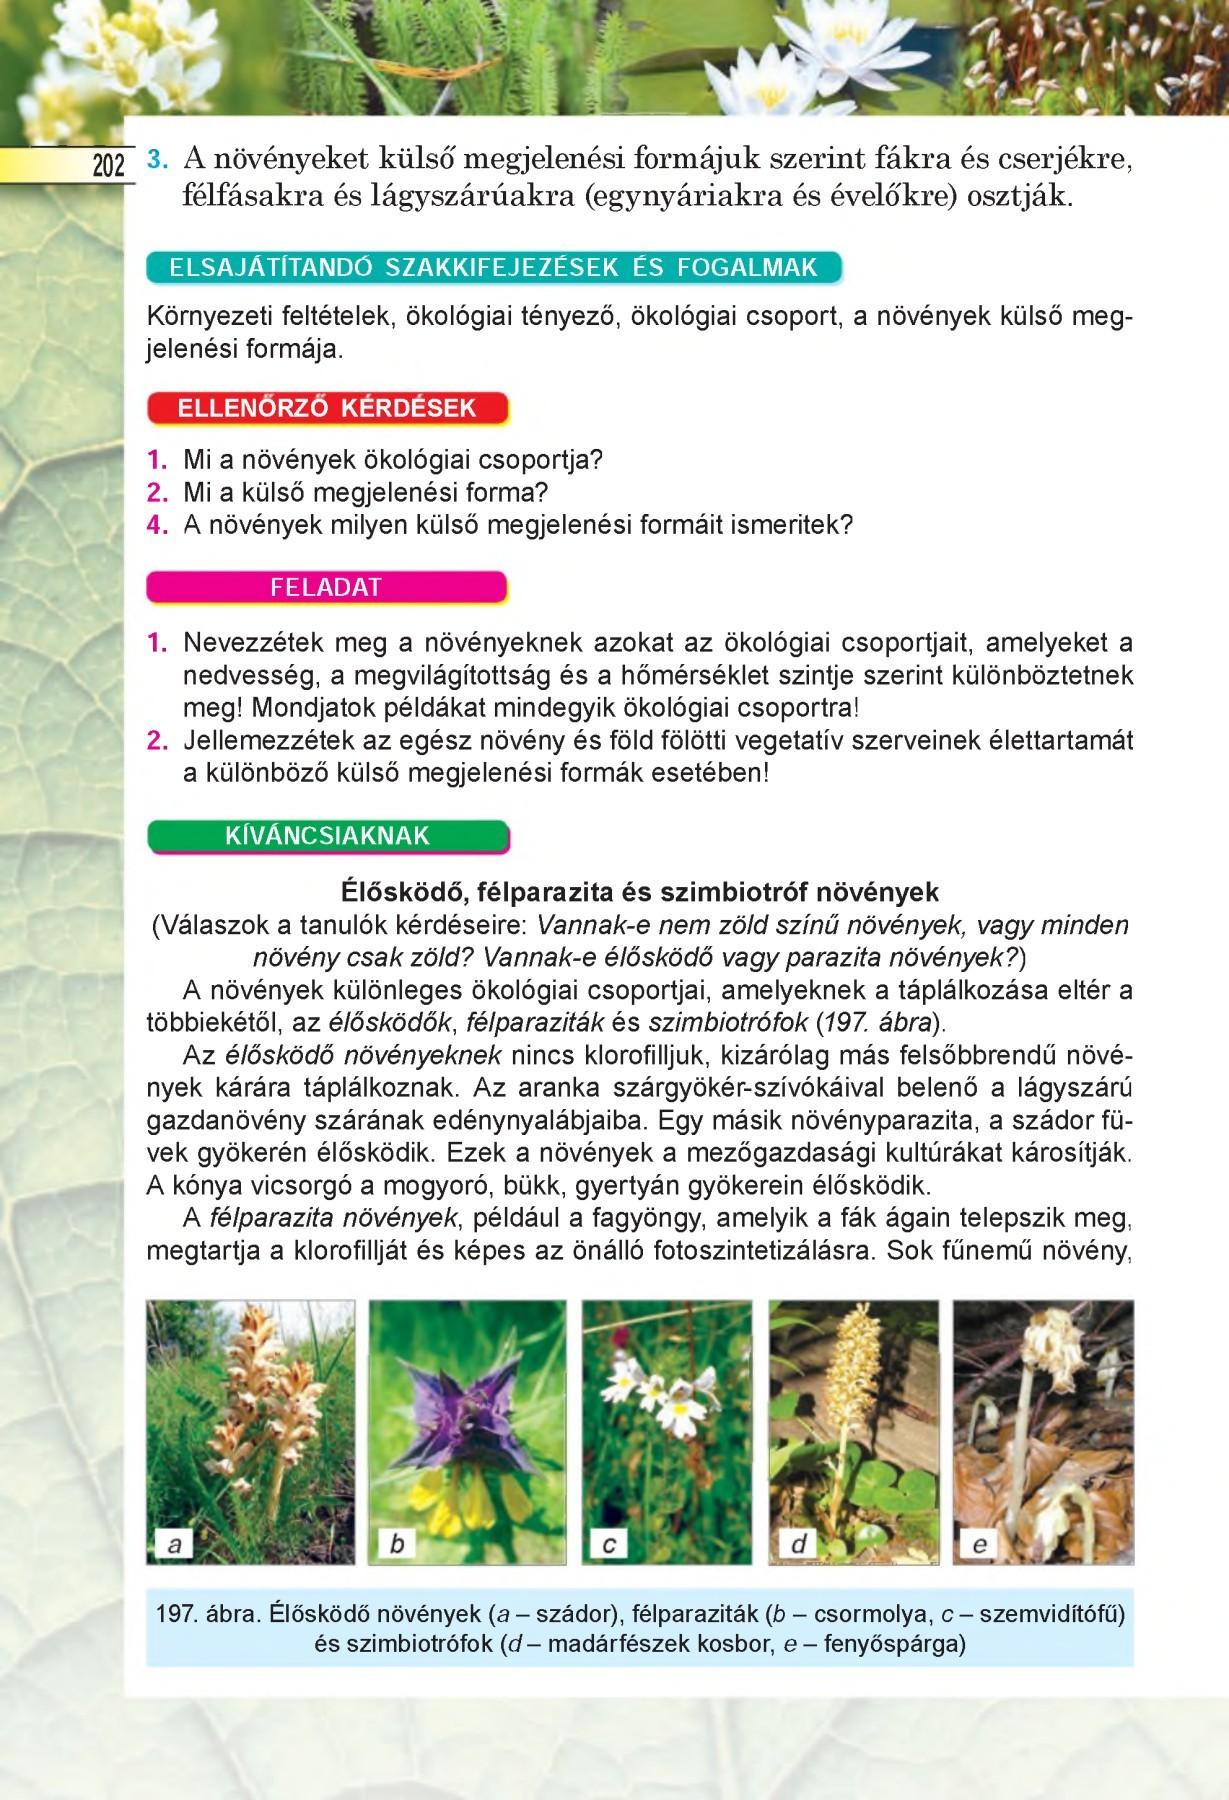 Kospeciáció – Wikipédia Ökológiai paraziták